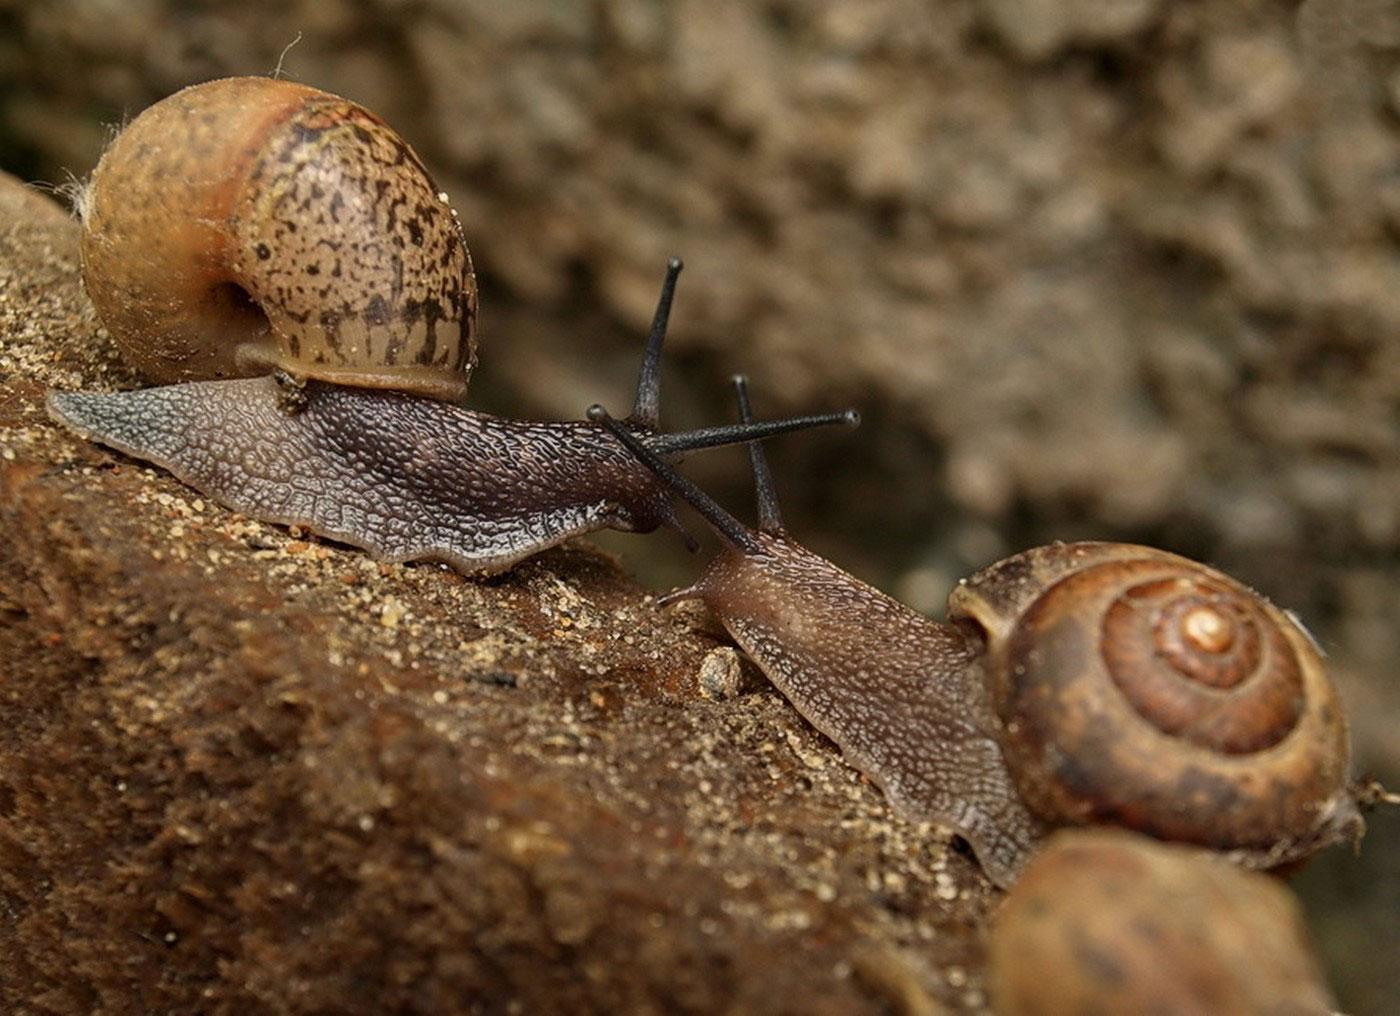 Виноградные улитки, фото животного мира